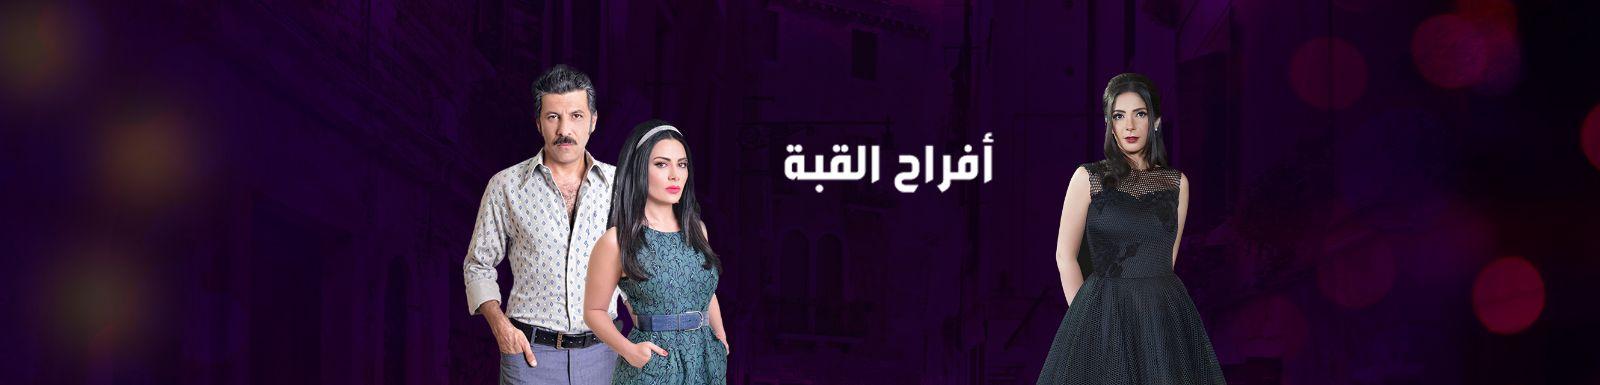 تحميل مسلسل أفراح القبة الحلقة 29 شاهد نت 2016